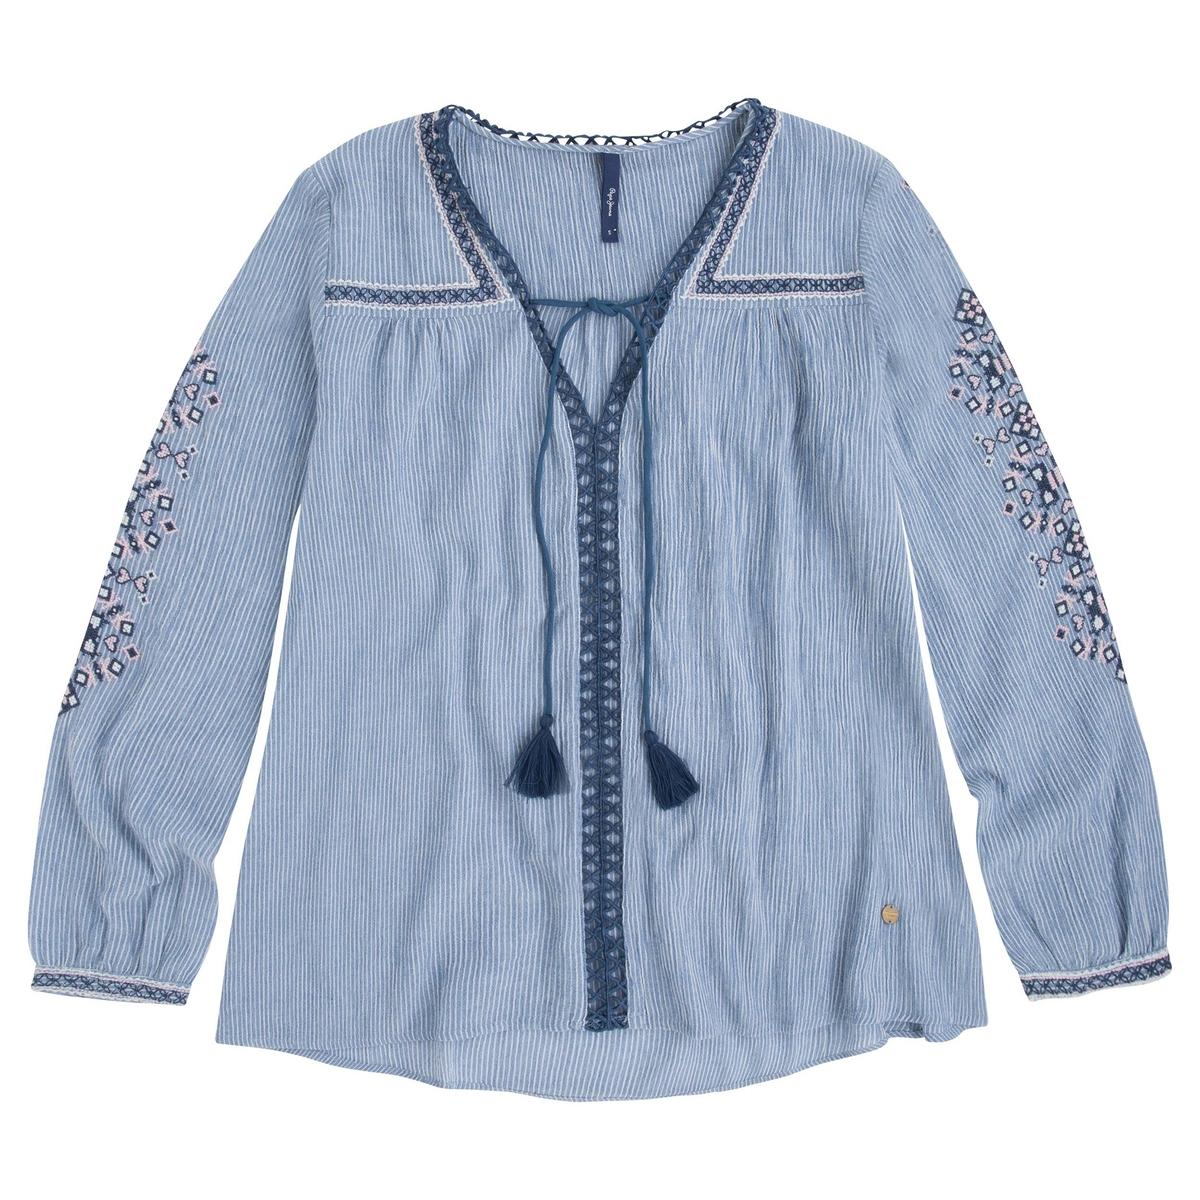 Блузка с вышивкойДетали   •  Длинные рукава •   V-образный вырез   •  Рисунок в полоску Состав и уход •  100% хлопок  •  Следуйте советам по уходу, указанным на этикетке<br><br>Цвет: в полоску синий/белый<br>Размер: L.S